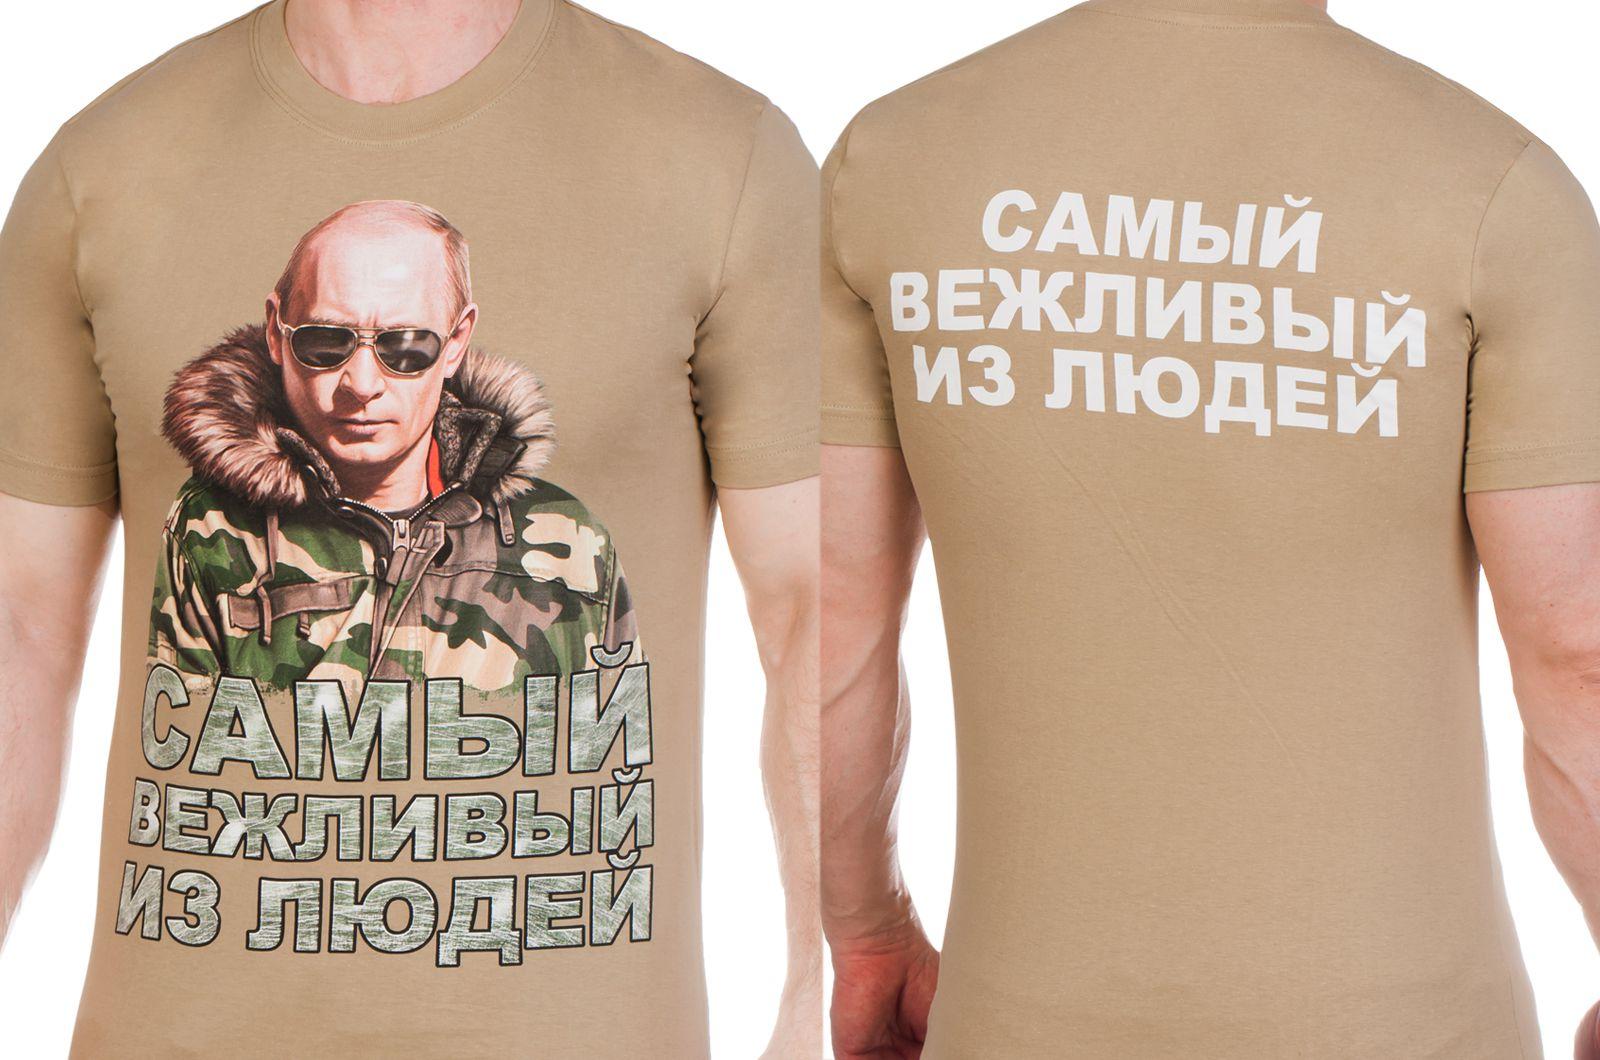 Заказать футболки с Путиным - самый вежливый из людей